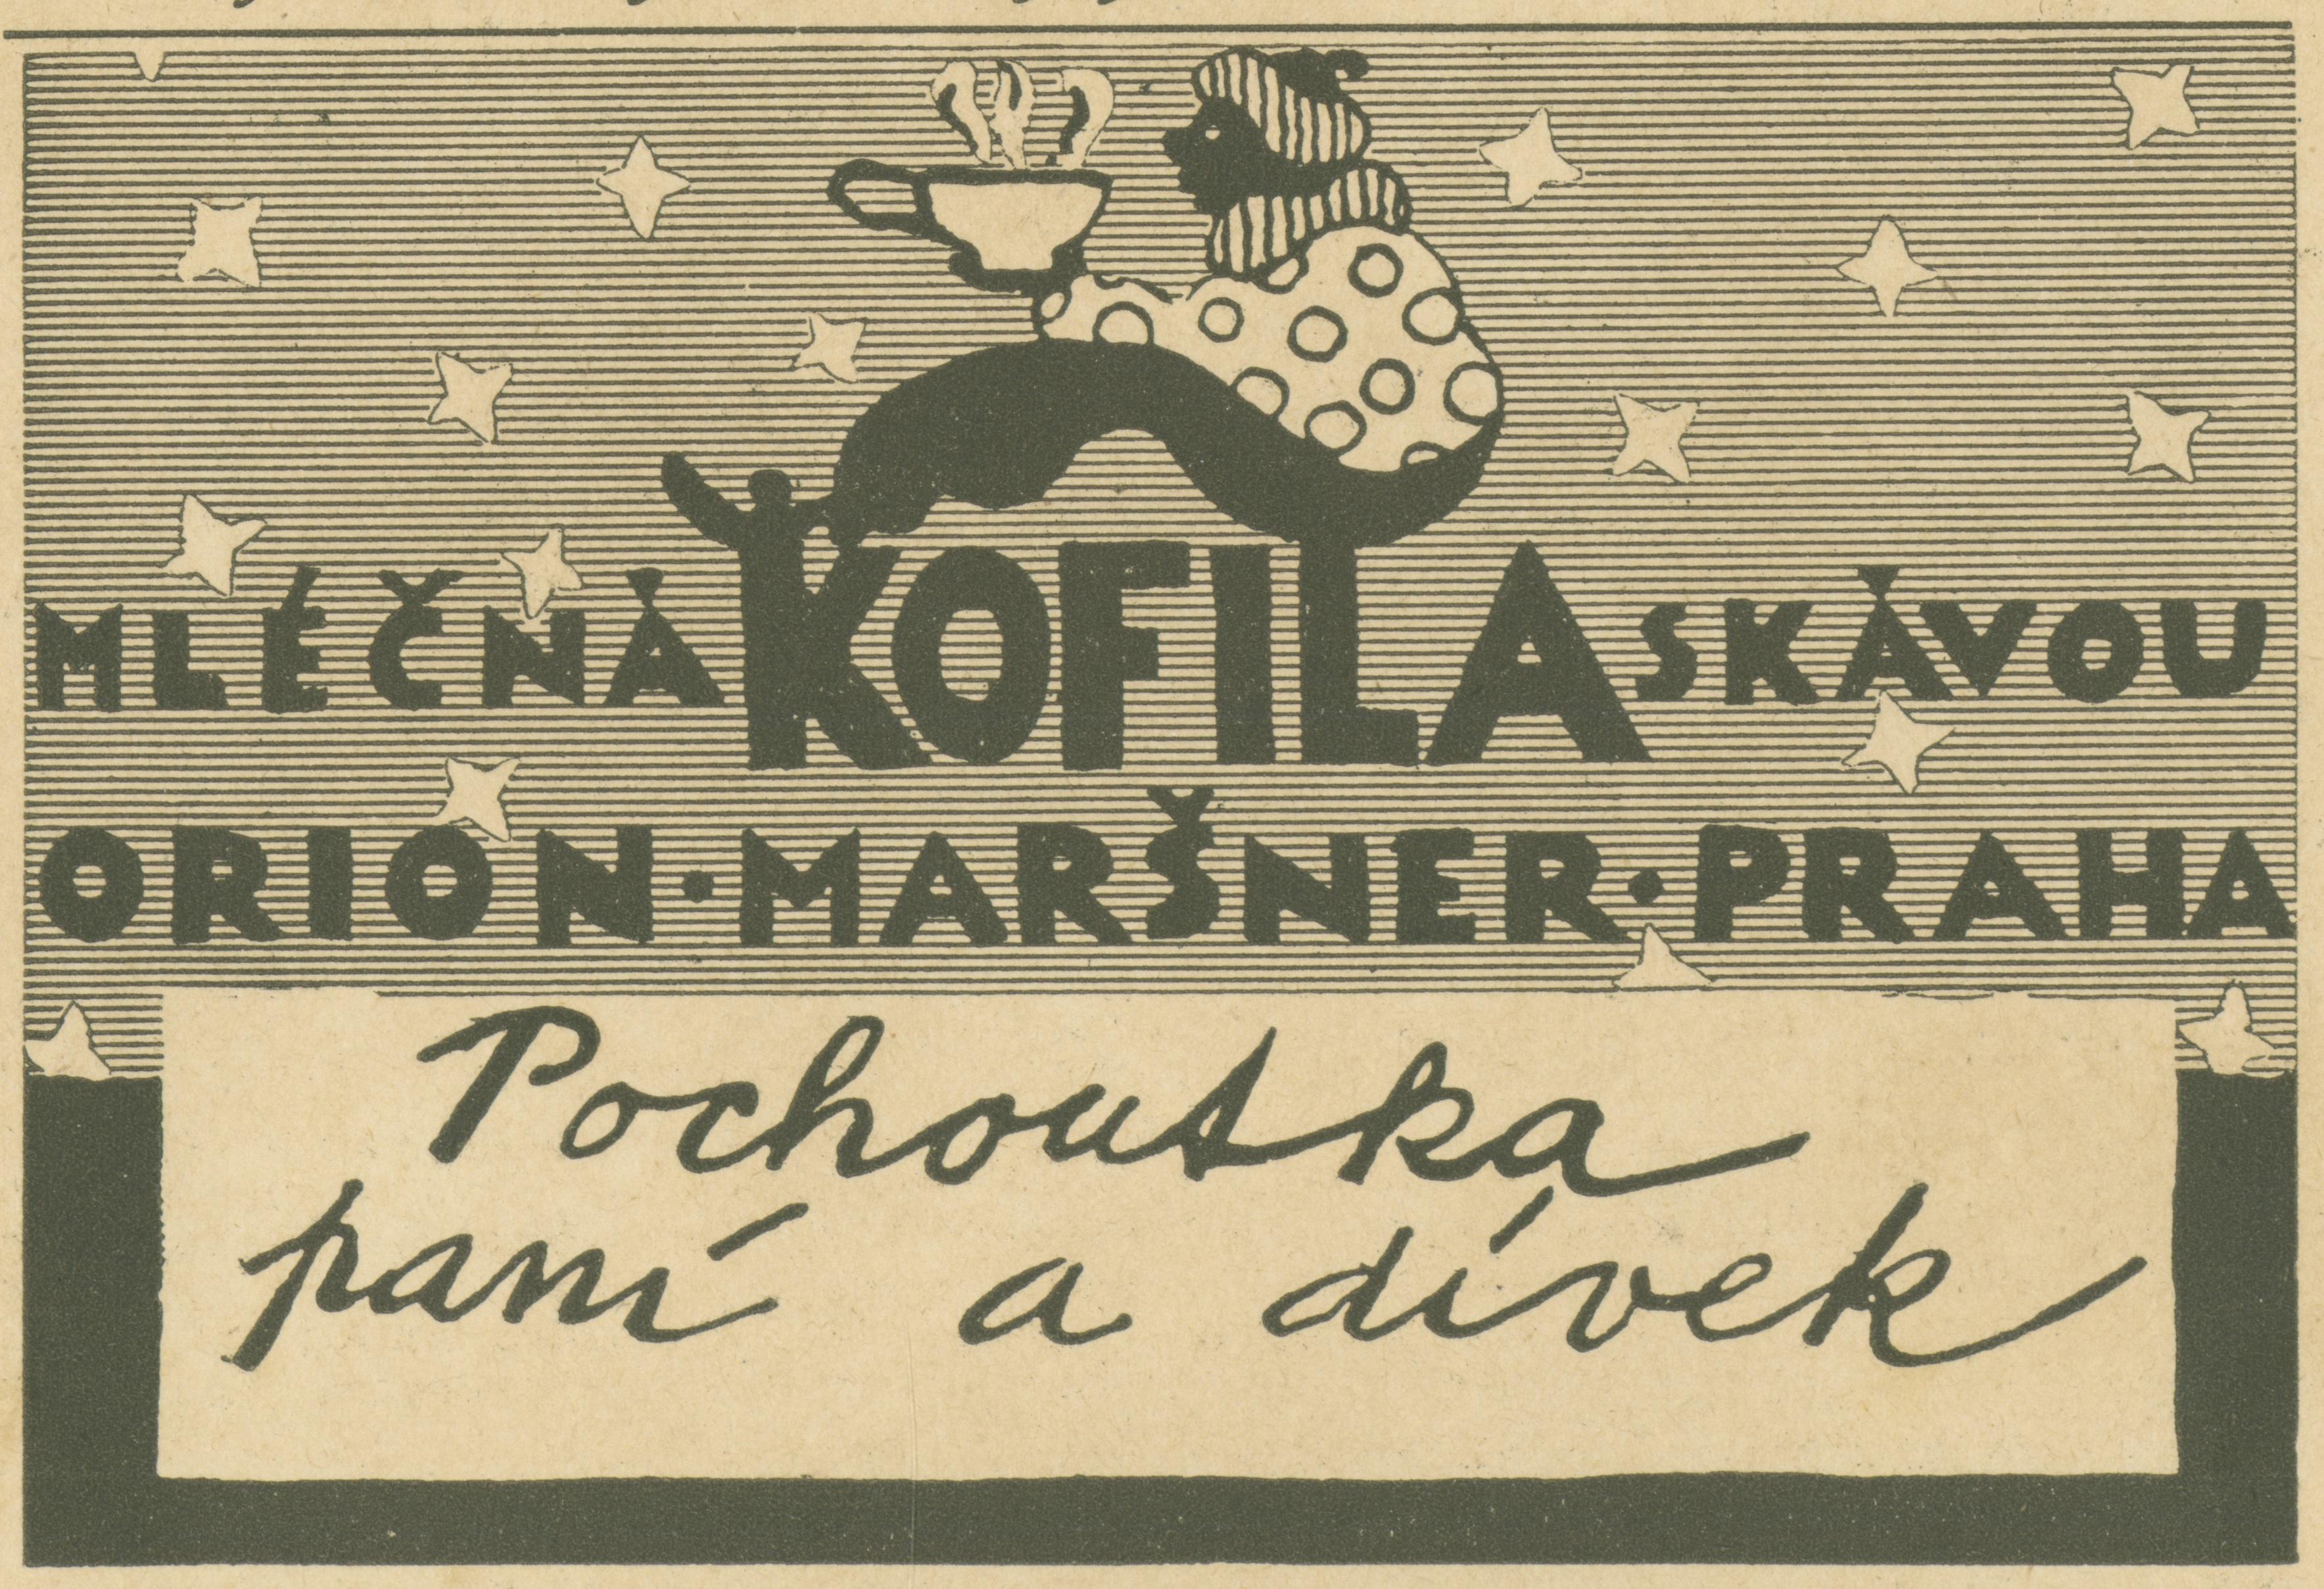 Čokoládová tyčinka s kávovou chutí vznikla v roce 1923, mouřenína na jejím obalu vymyslel výtvarník Zdenek Rykr, který se nechal inspirovat svými cestami po Orientu, zdroj: Nestlé.